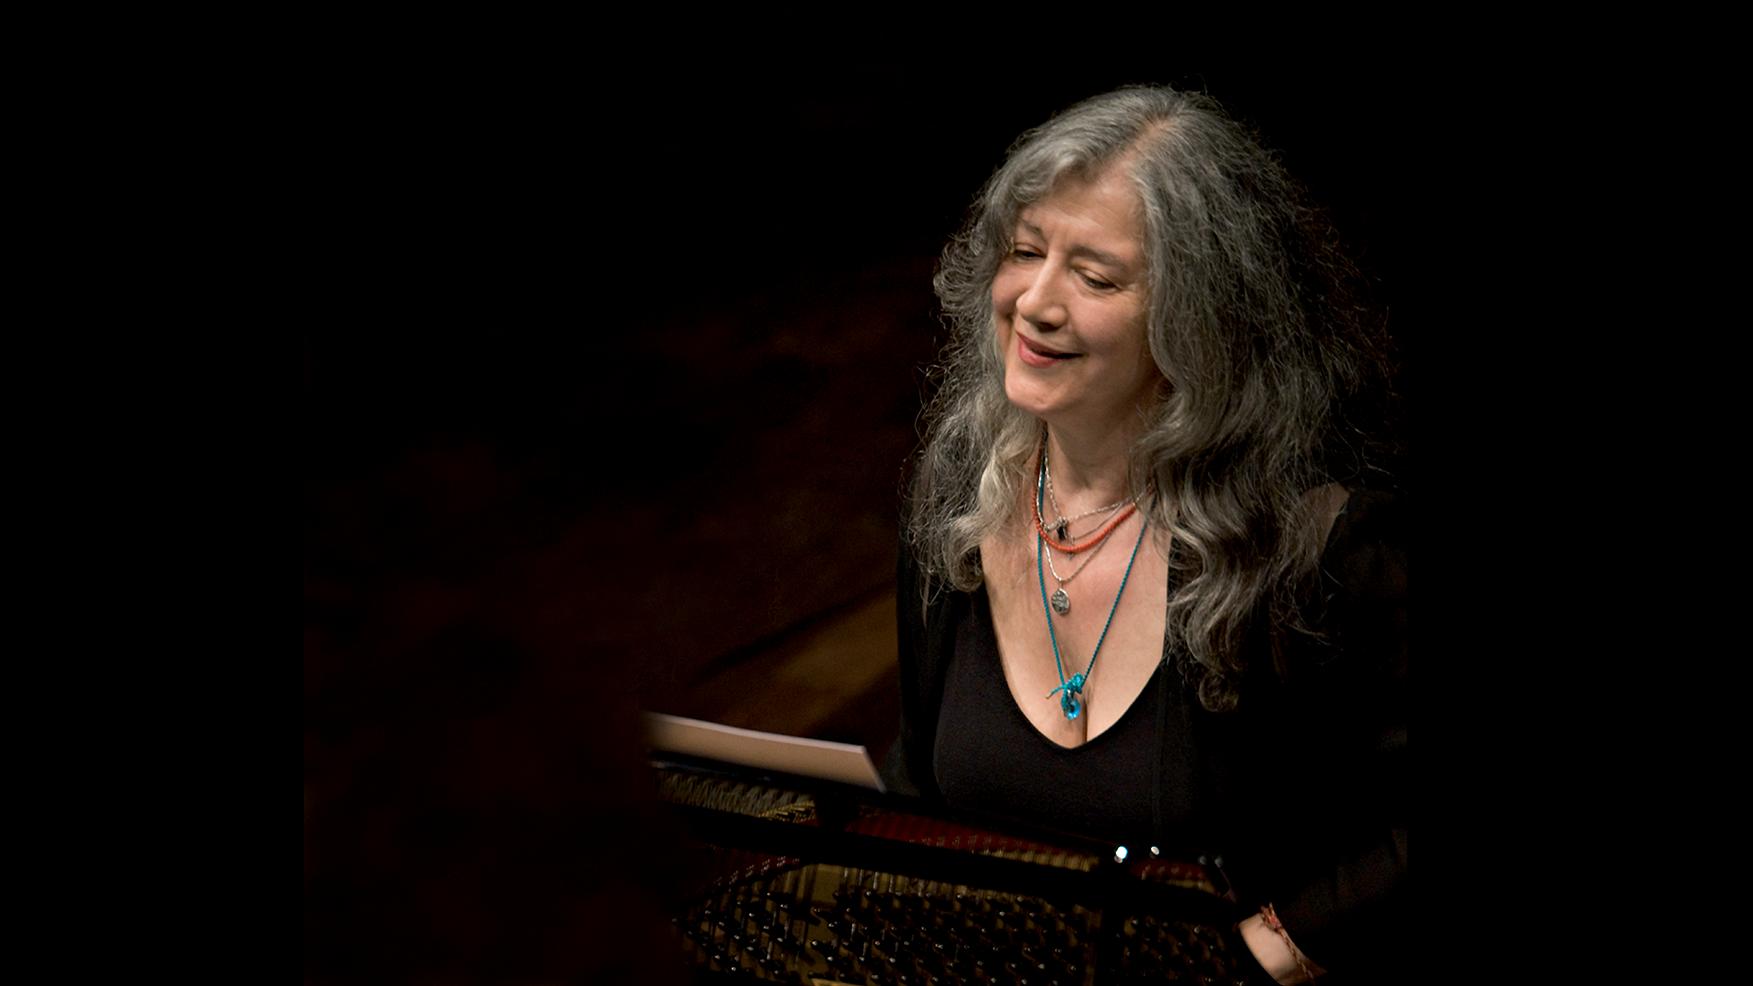 Martha Argerich joue le Concerto n°3 de Prokofiev